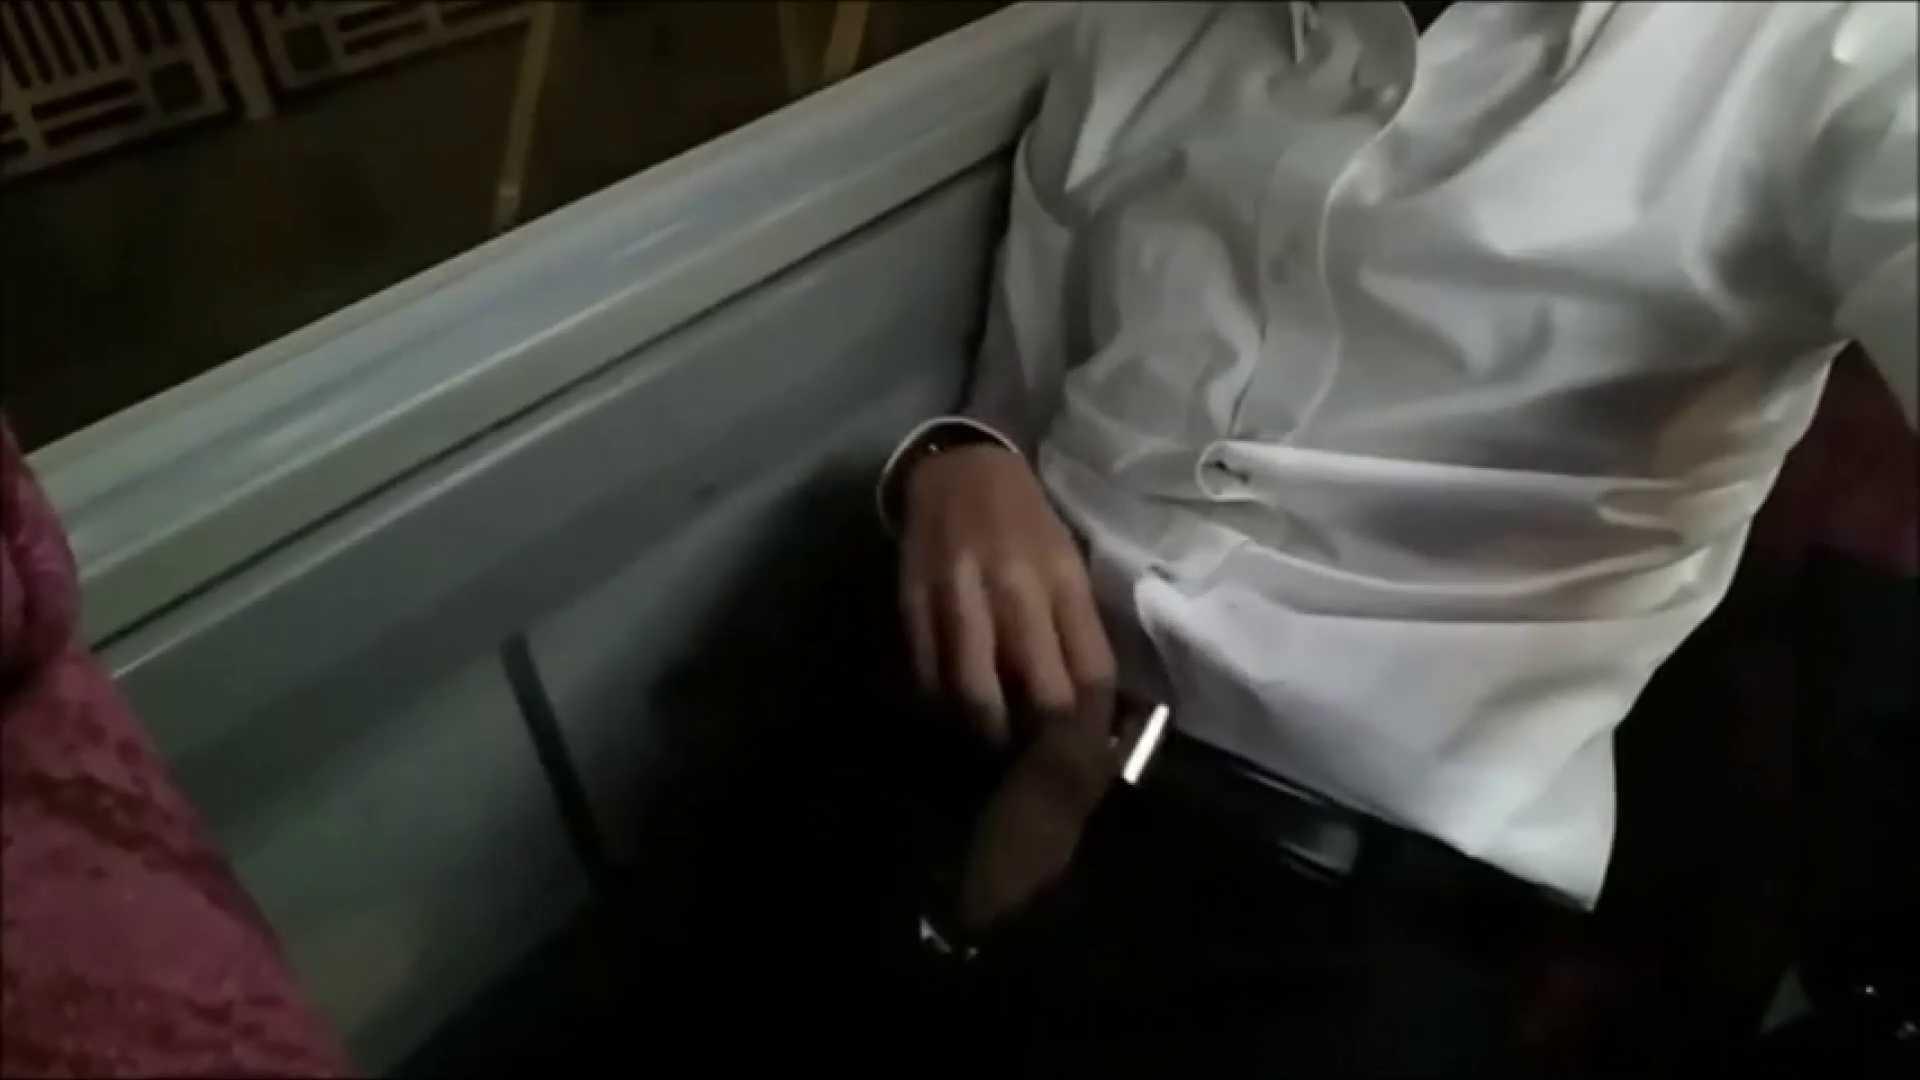 巨根 オナニー塾Vol.13 野外露出セックス   オナニー ゲイ素人エロ画像 95枚 44